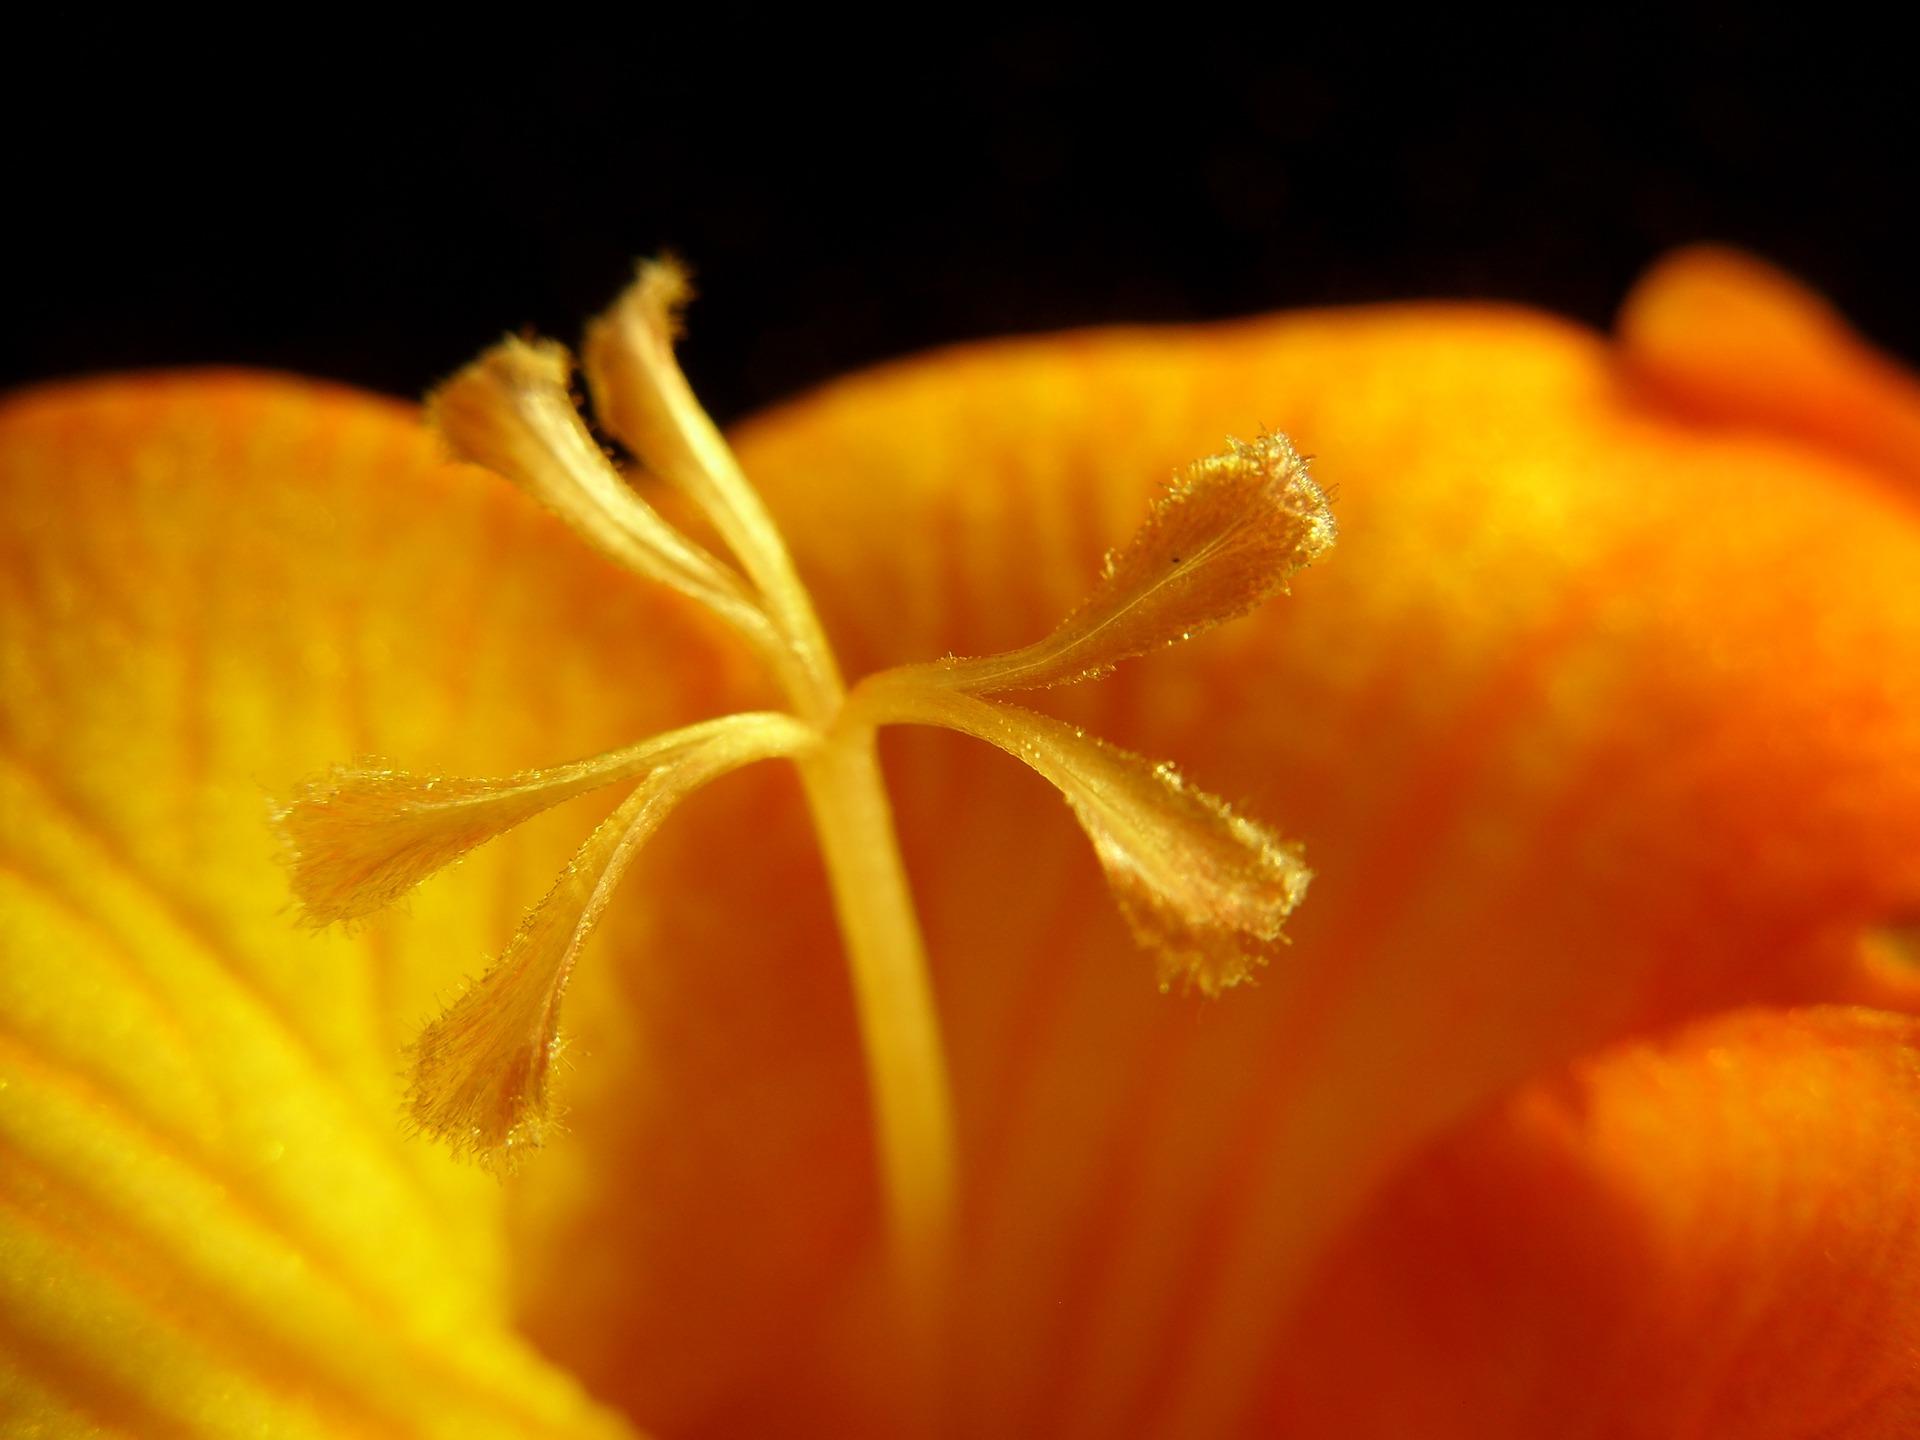 de Hitsigheid van bloemen